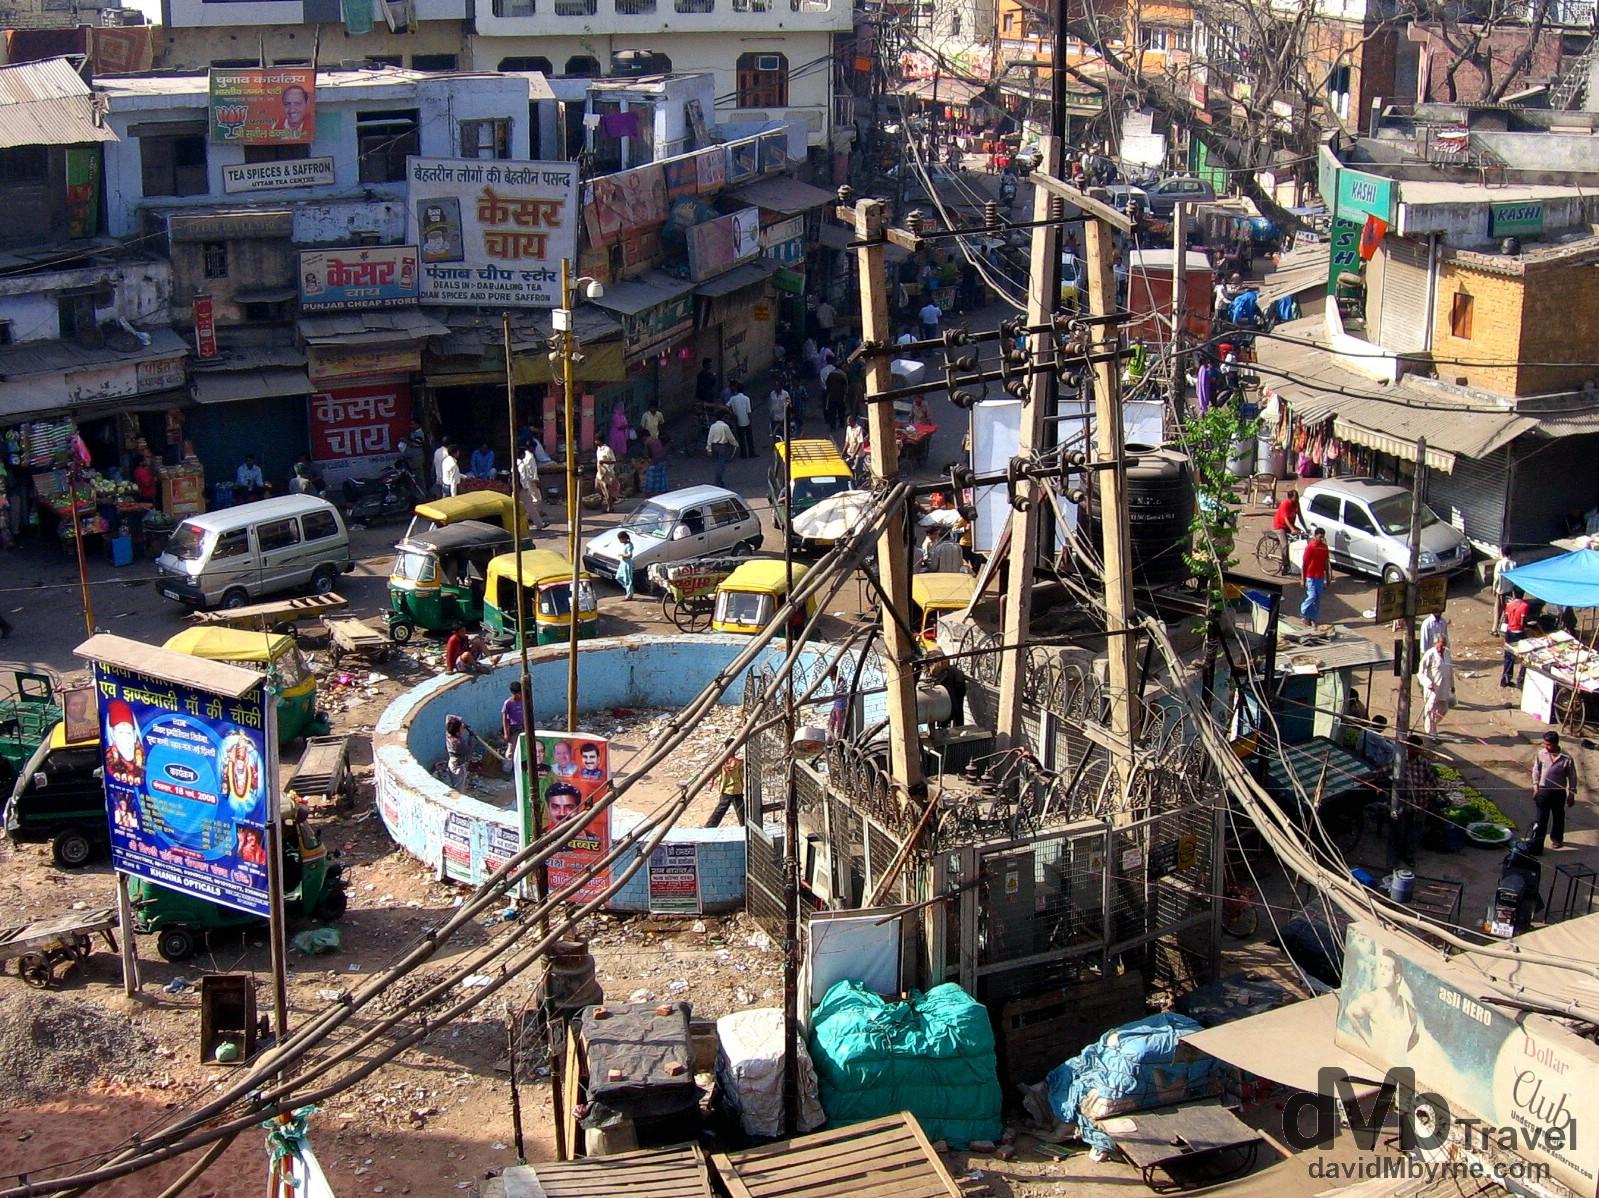 Main Bazaar in the travellers hangout of Paharganj in Delhi, India. March 21, 2008.